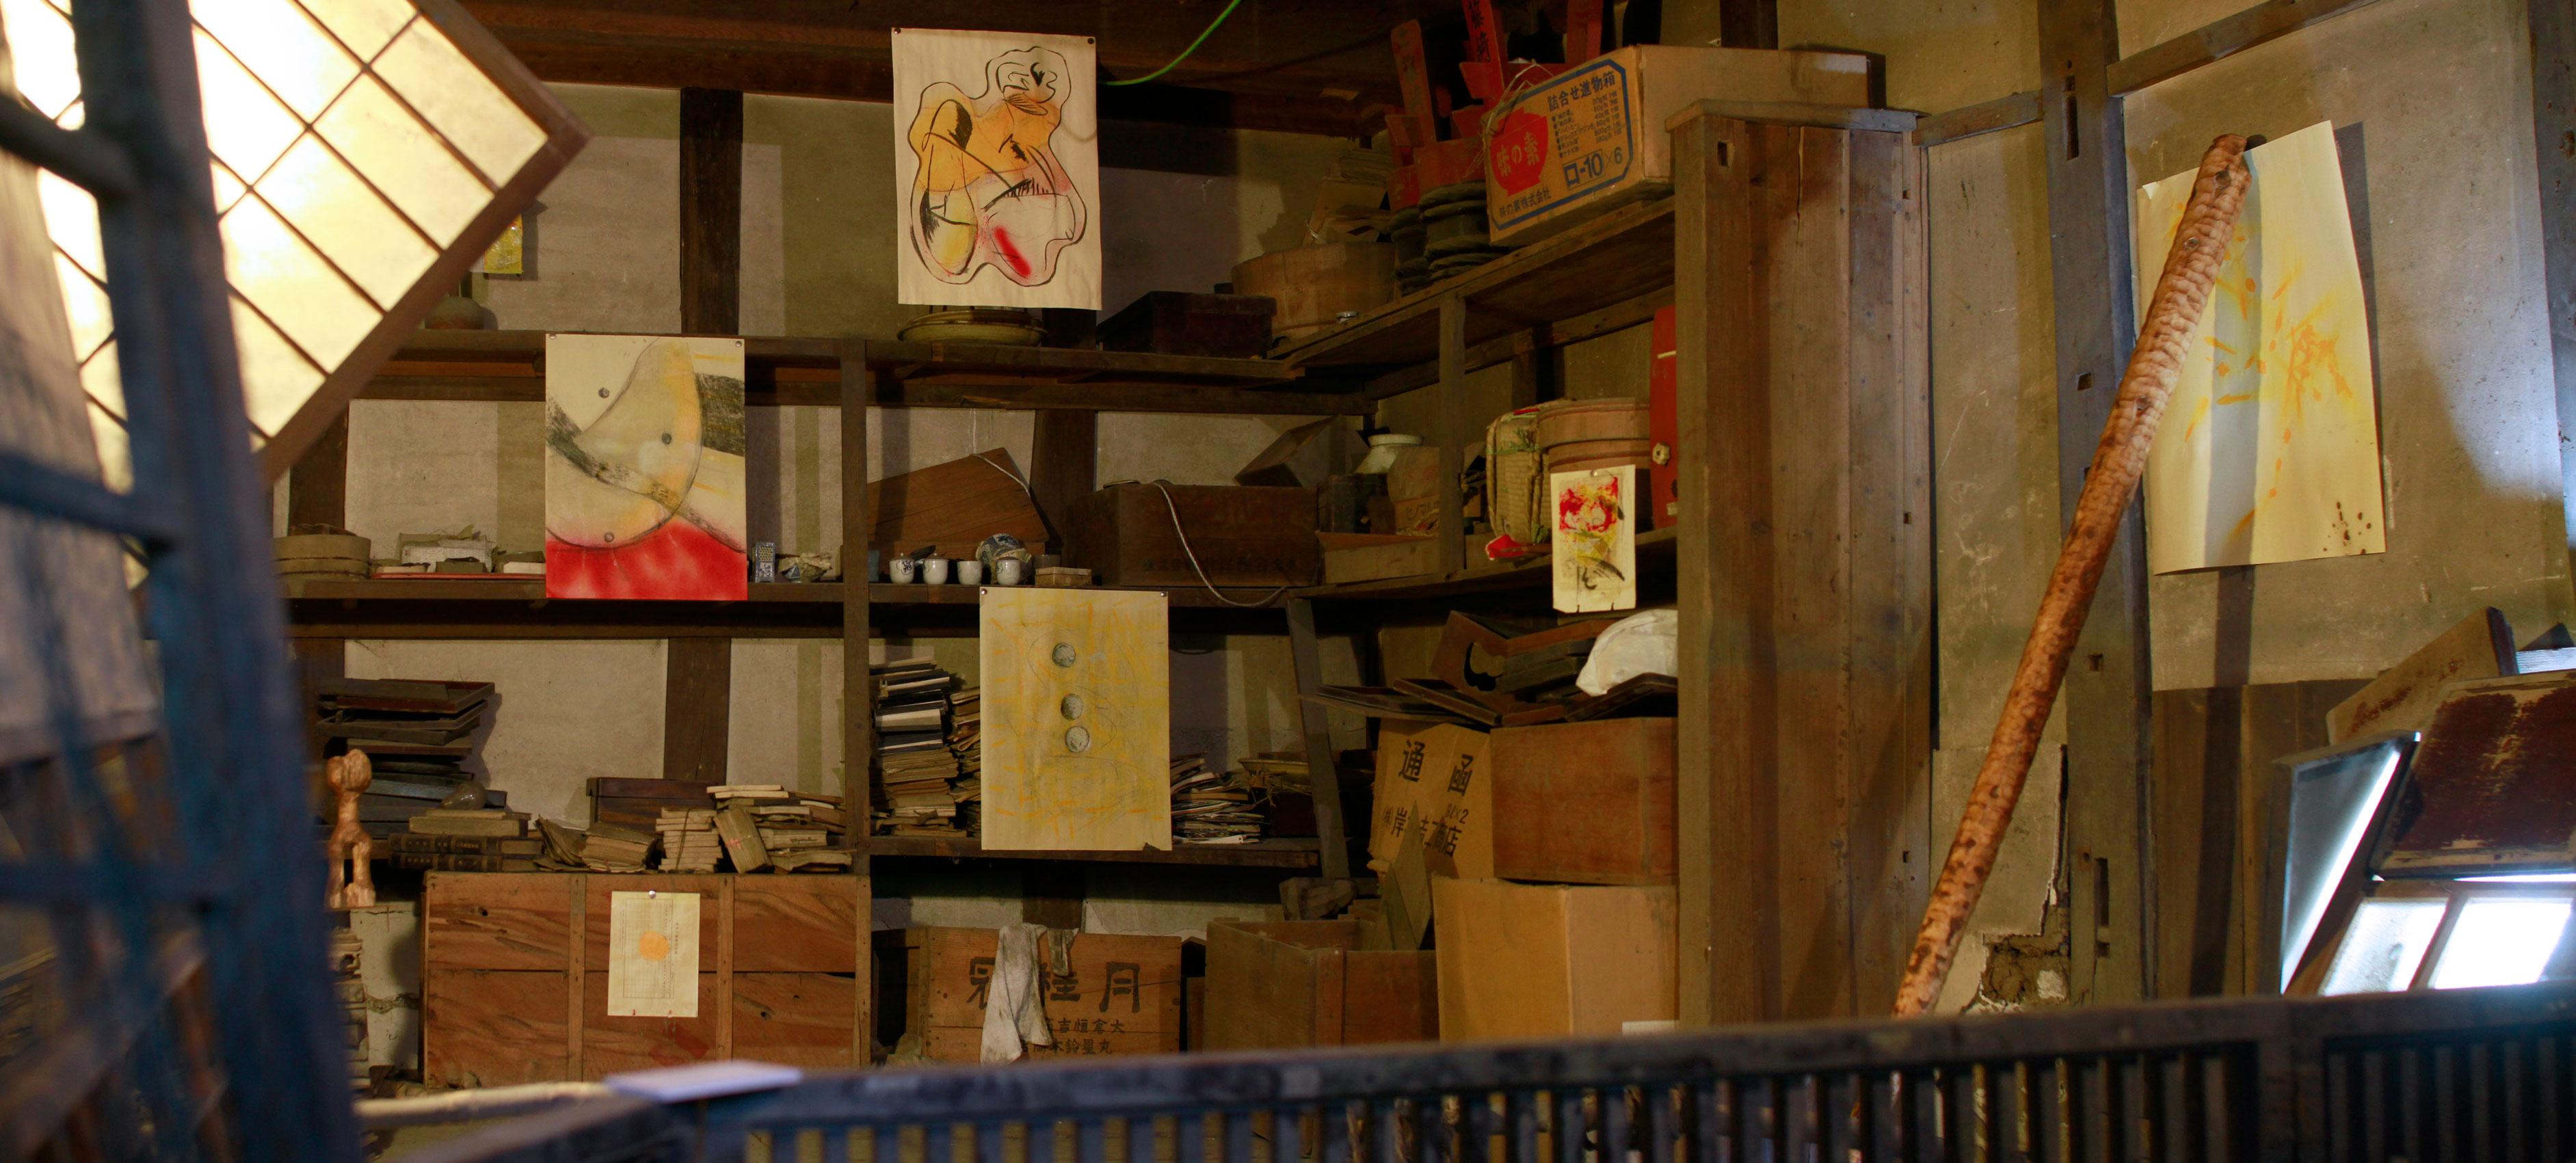 かんな秋アート祭り2016年鬼石展示会Art Residency Japan Kanna Art Festival 2016